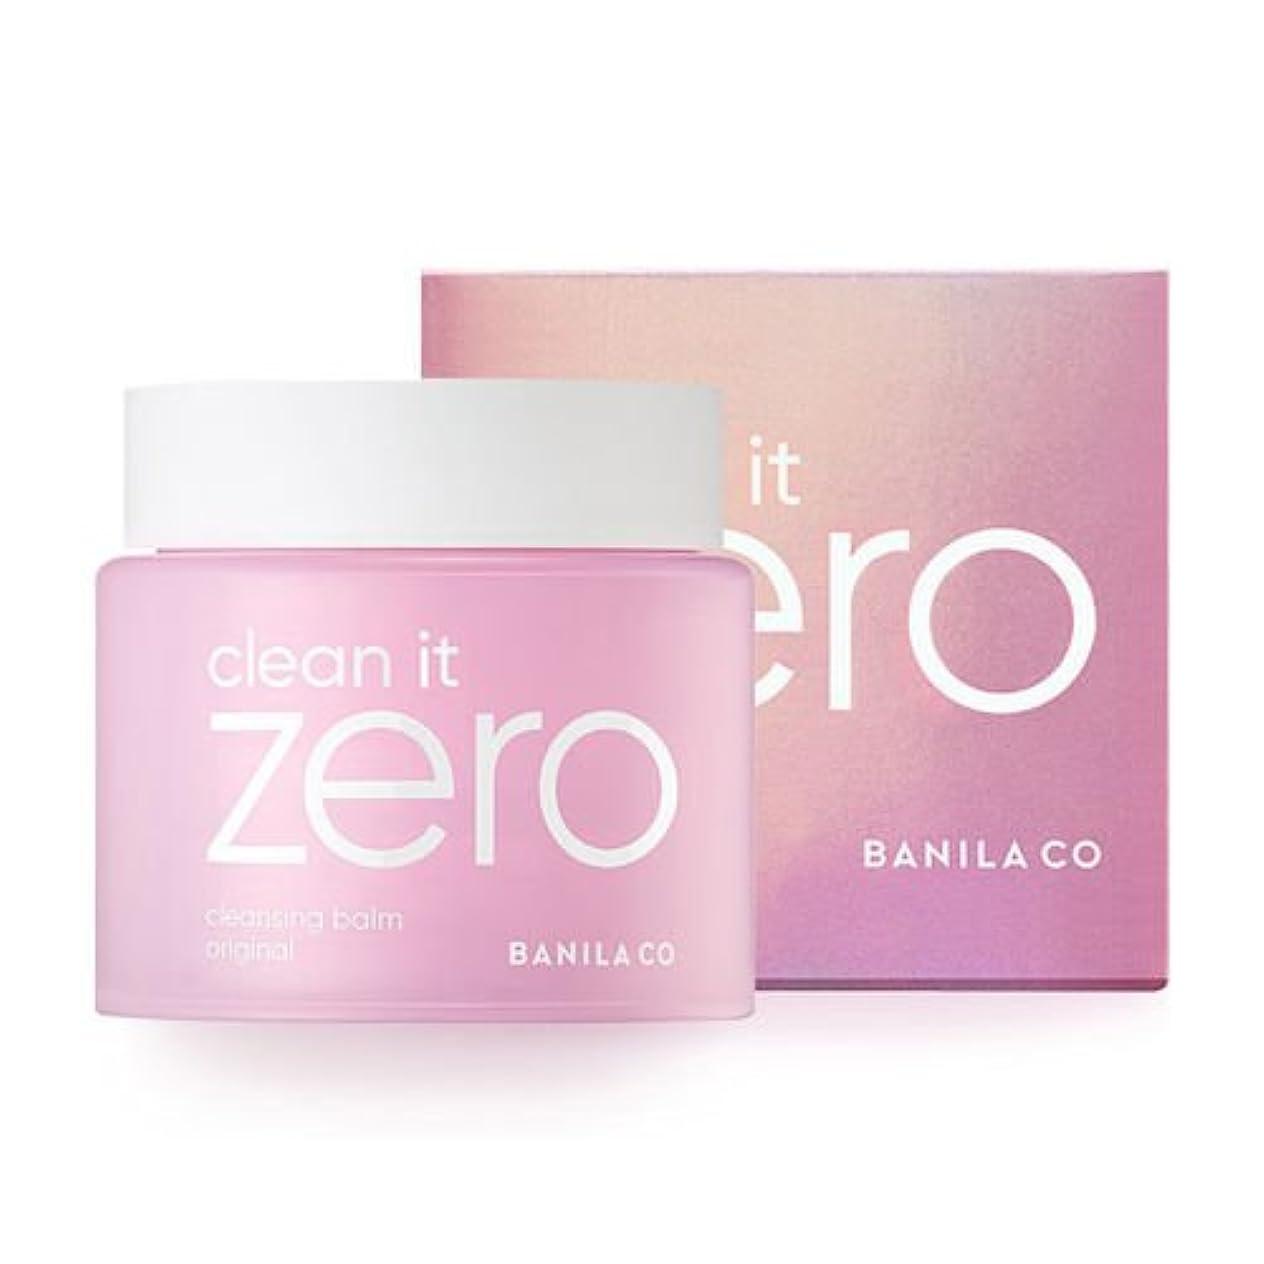 注釈キリマンジャロバンケット[BANILACO/バニラコ] Clean it zero cleansing balm original 180ml / クリンイットゼロ クレンジングバーム オリジナル 180ml